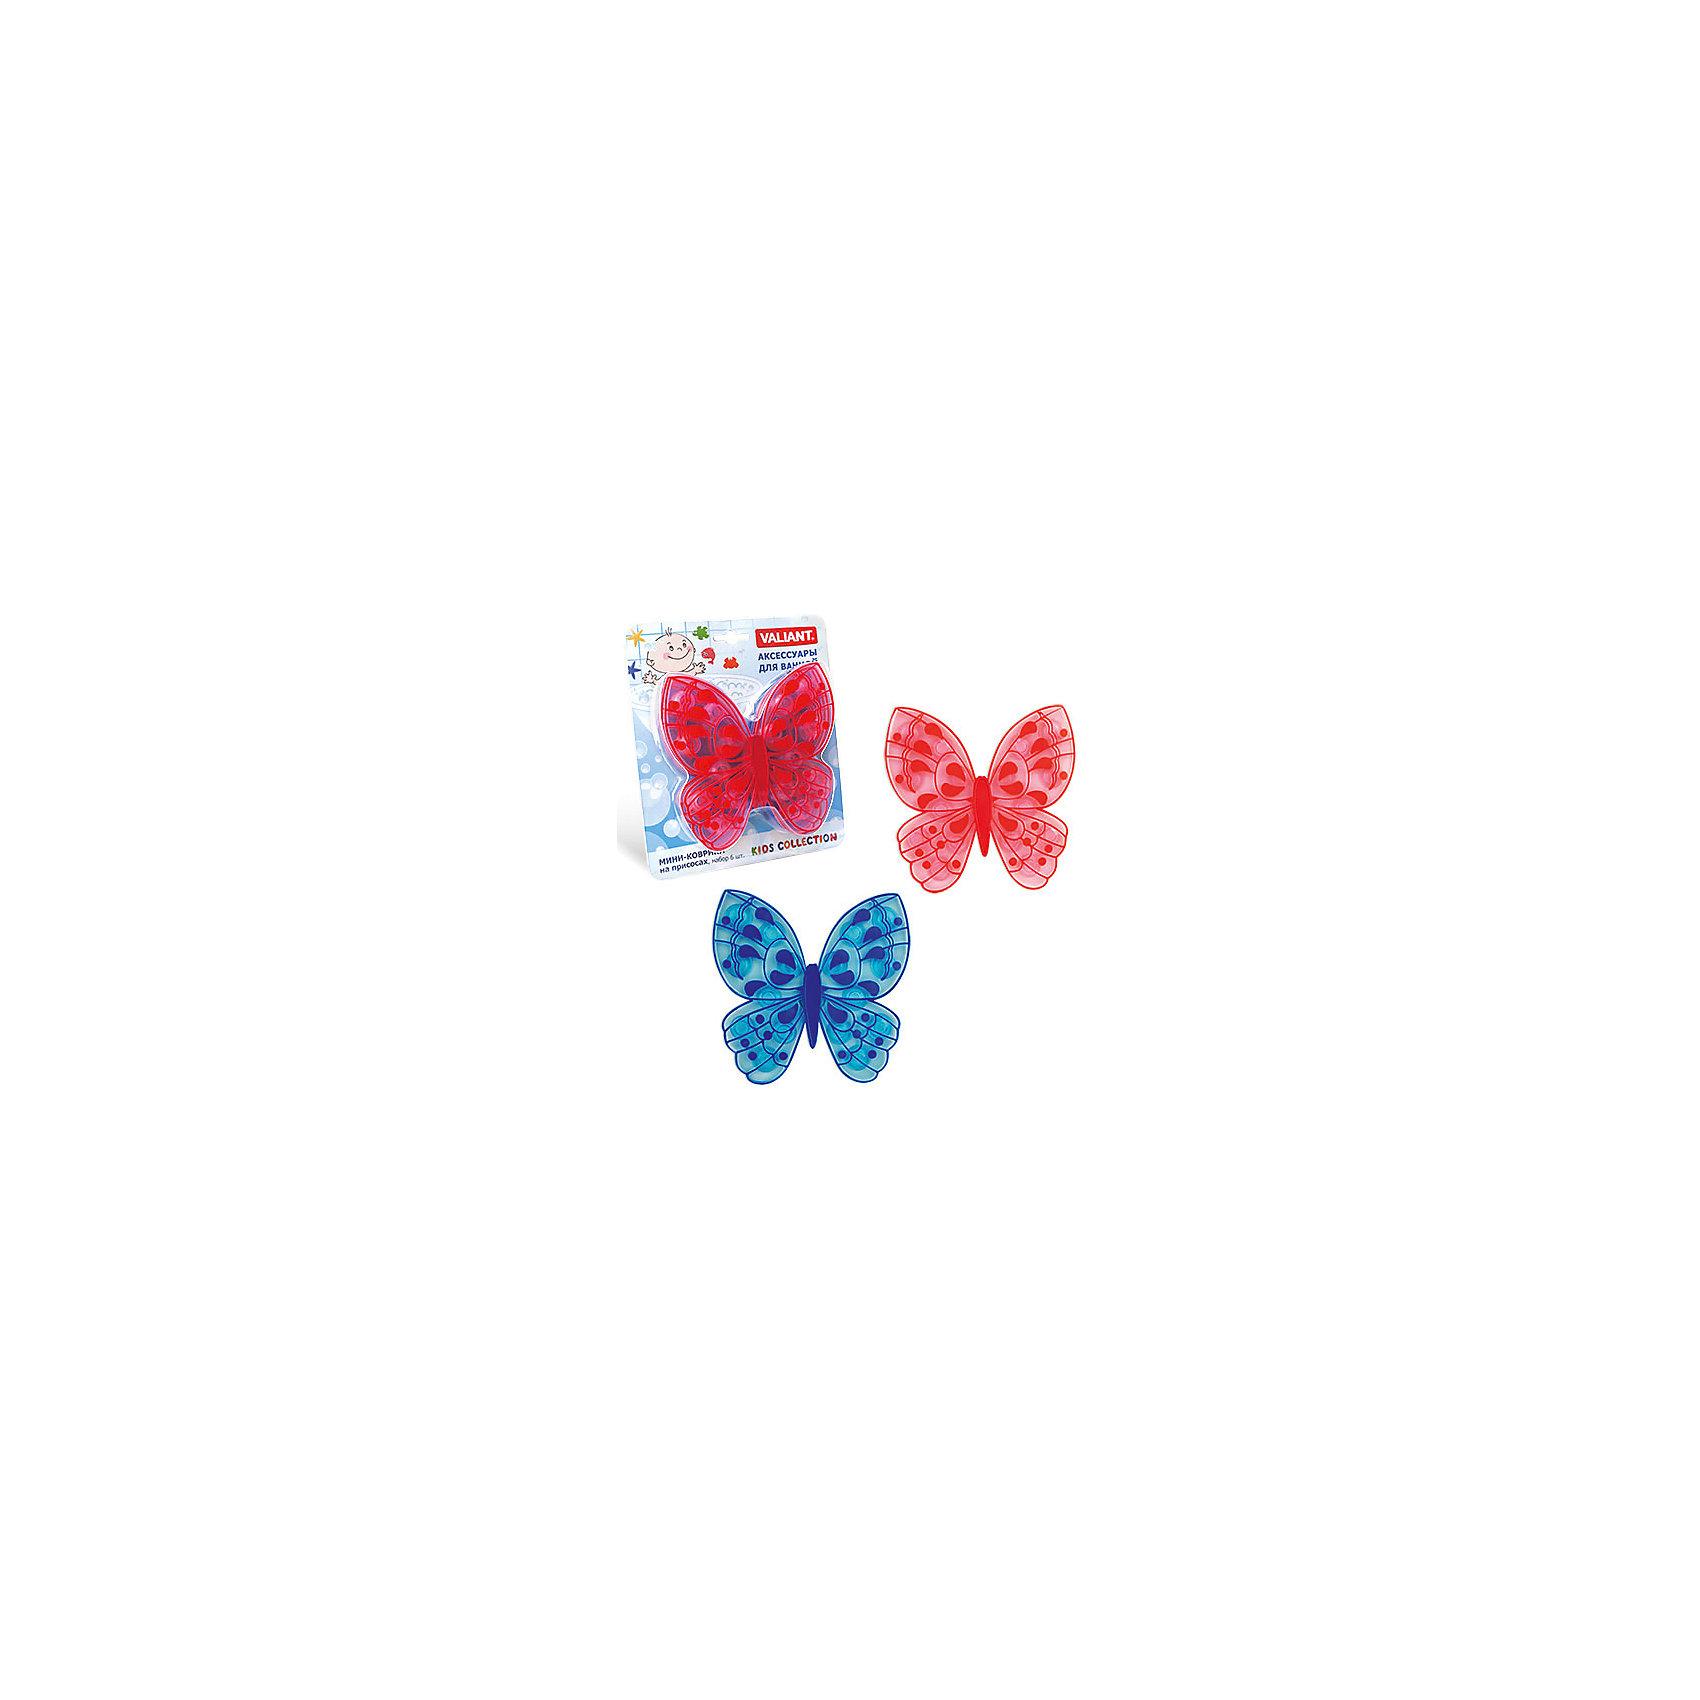 Набор ковриков Бабочка на присосках (6 шт)Ванная комната<br>Мини-коврики для ванной комнаты - это яркое дополнение к купанию малыша. Это и игра и развитие моторики и изучение зверушек. <br>Колоссальный и постоянно растущий спрос на них обусловлен реакцией малышей и их мам на данное изобретение по всему миру.<br>Мини-коврики снабжены присосками и превосходно клеятся на влажный кафель.<br><br>Ширина мм: 170<br>Глубина мм: 35<br>Высота мм: 200<br>Вес г: 192<br>Возраст от месяцев: -2147483648<br>Возраст до месяцев: 2147483647<br>Пол: Унисекс<br>Возраст: Детский<br>SKU: 4563330